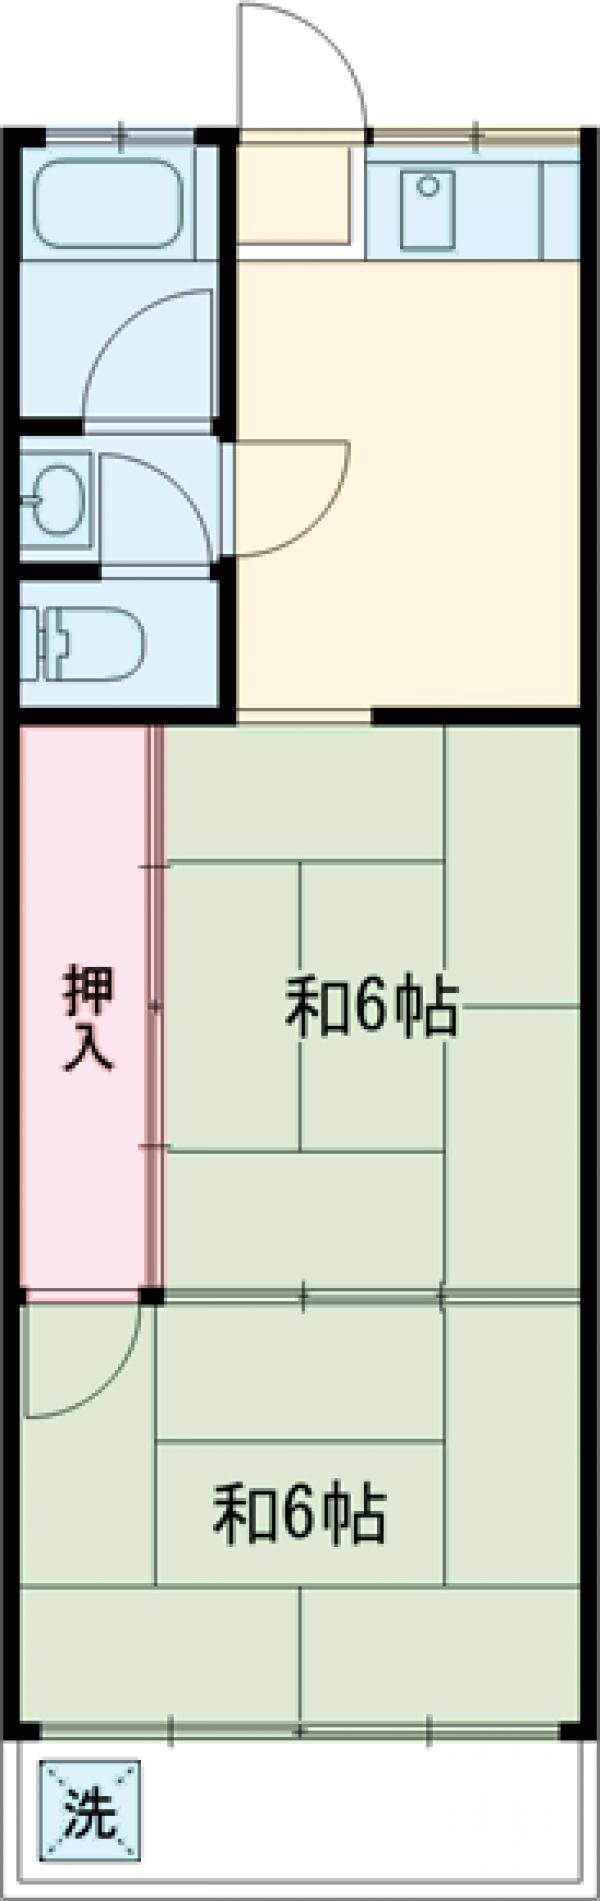 富士見コーポ 101号室の間取り